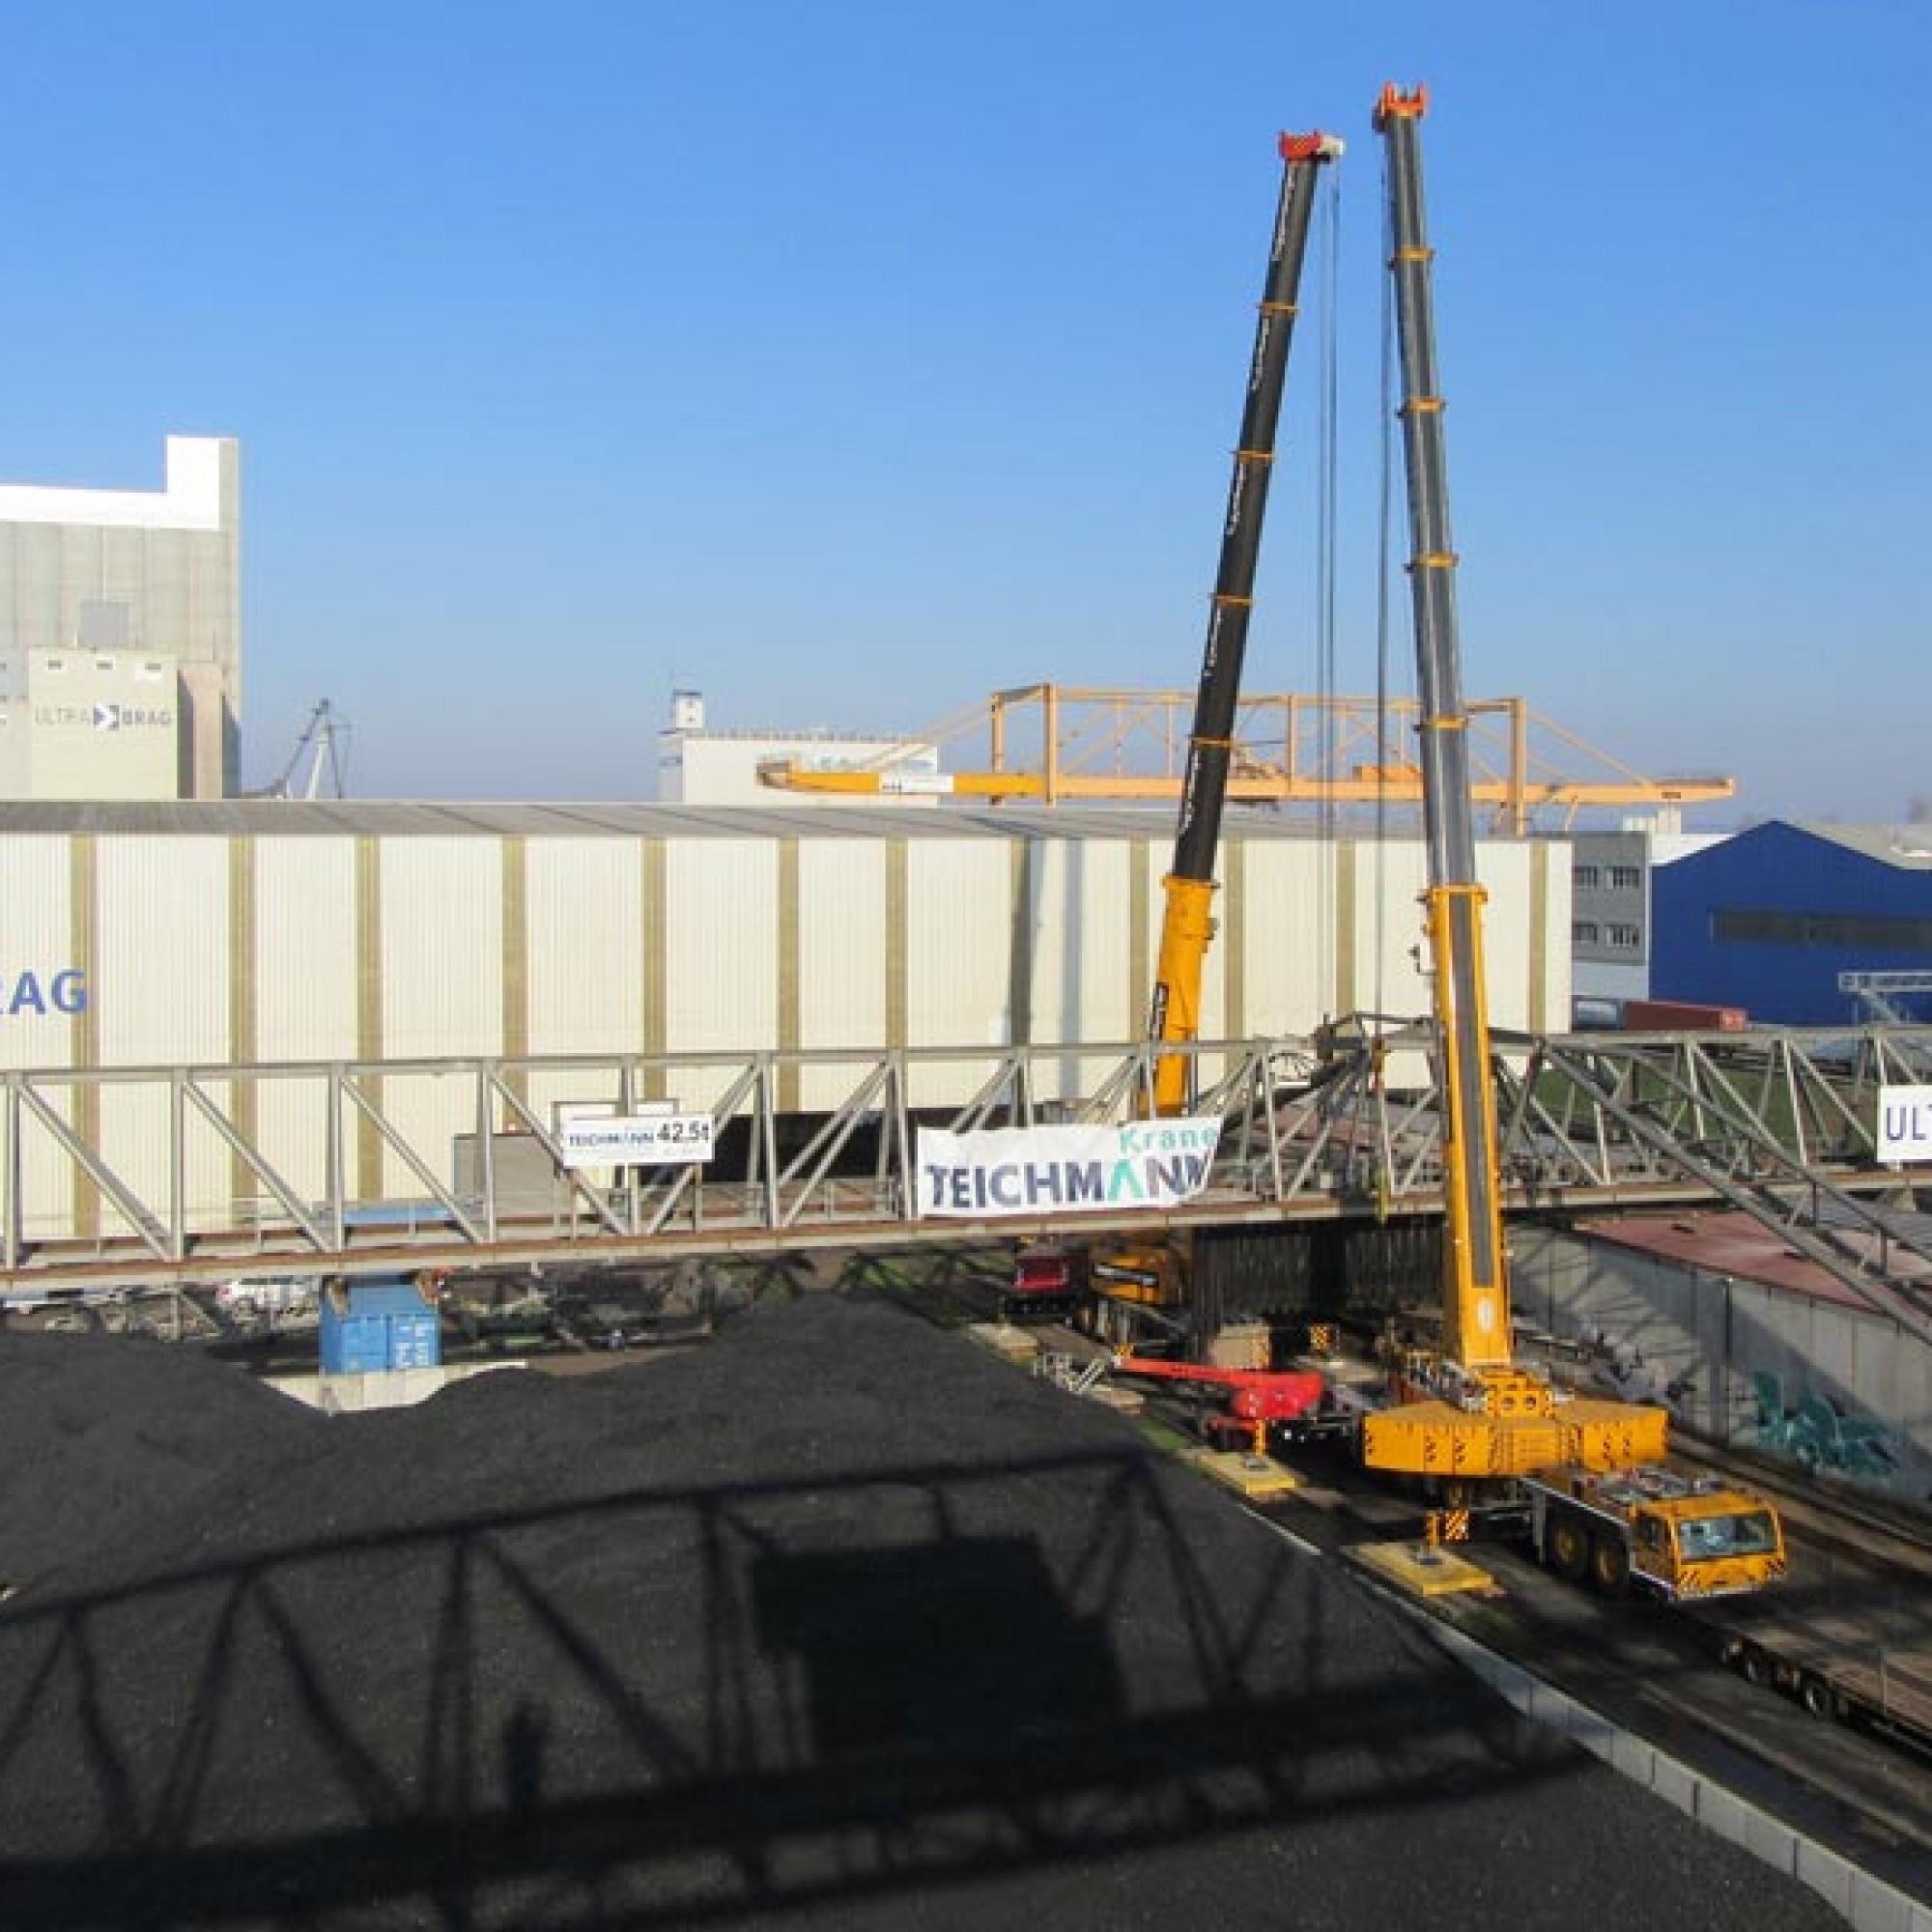 Die enormen Ausmasse des Portalkrans mit 134 Metern Länge sind bereits während der Montage zu erkennen.